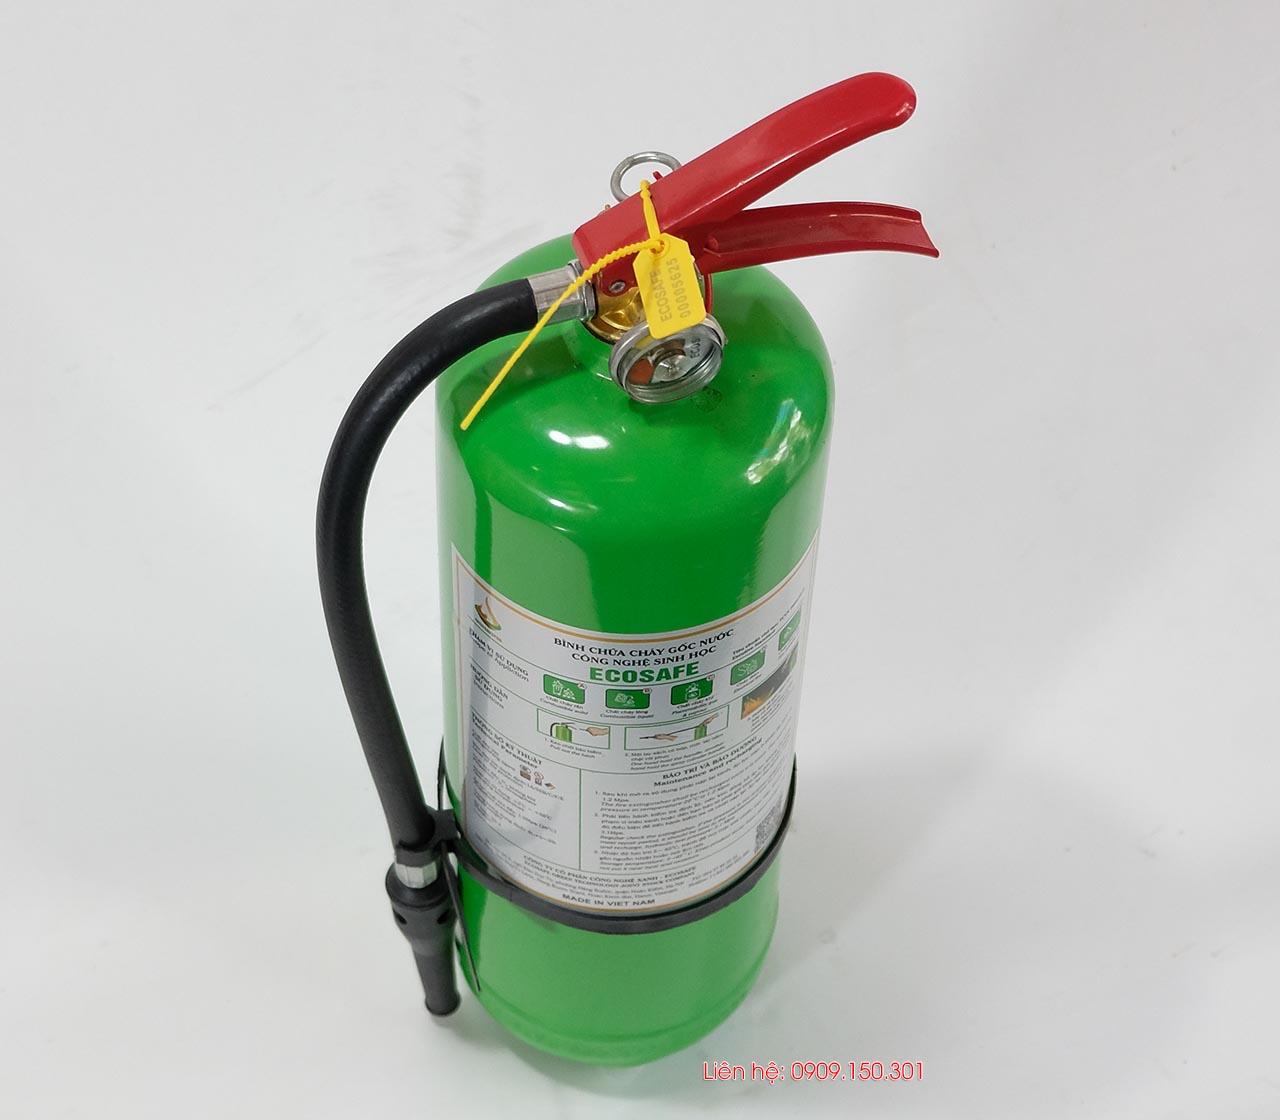 bình chữa cháy Việt Nam 4 lít